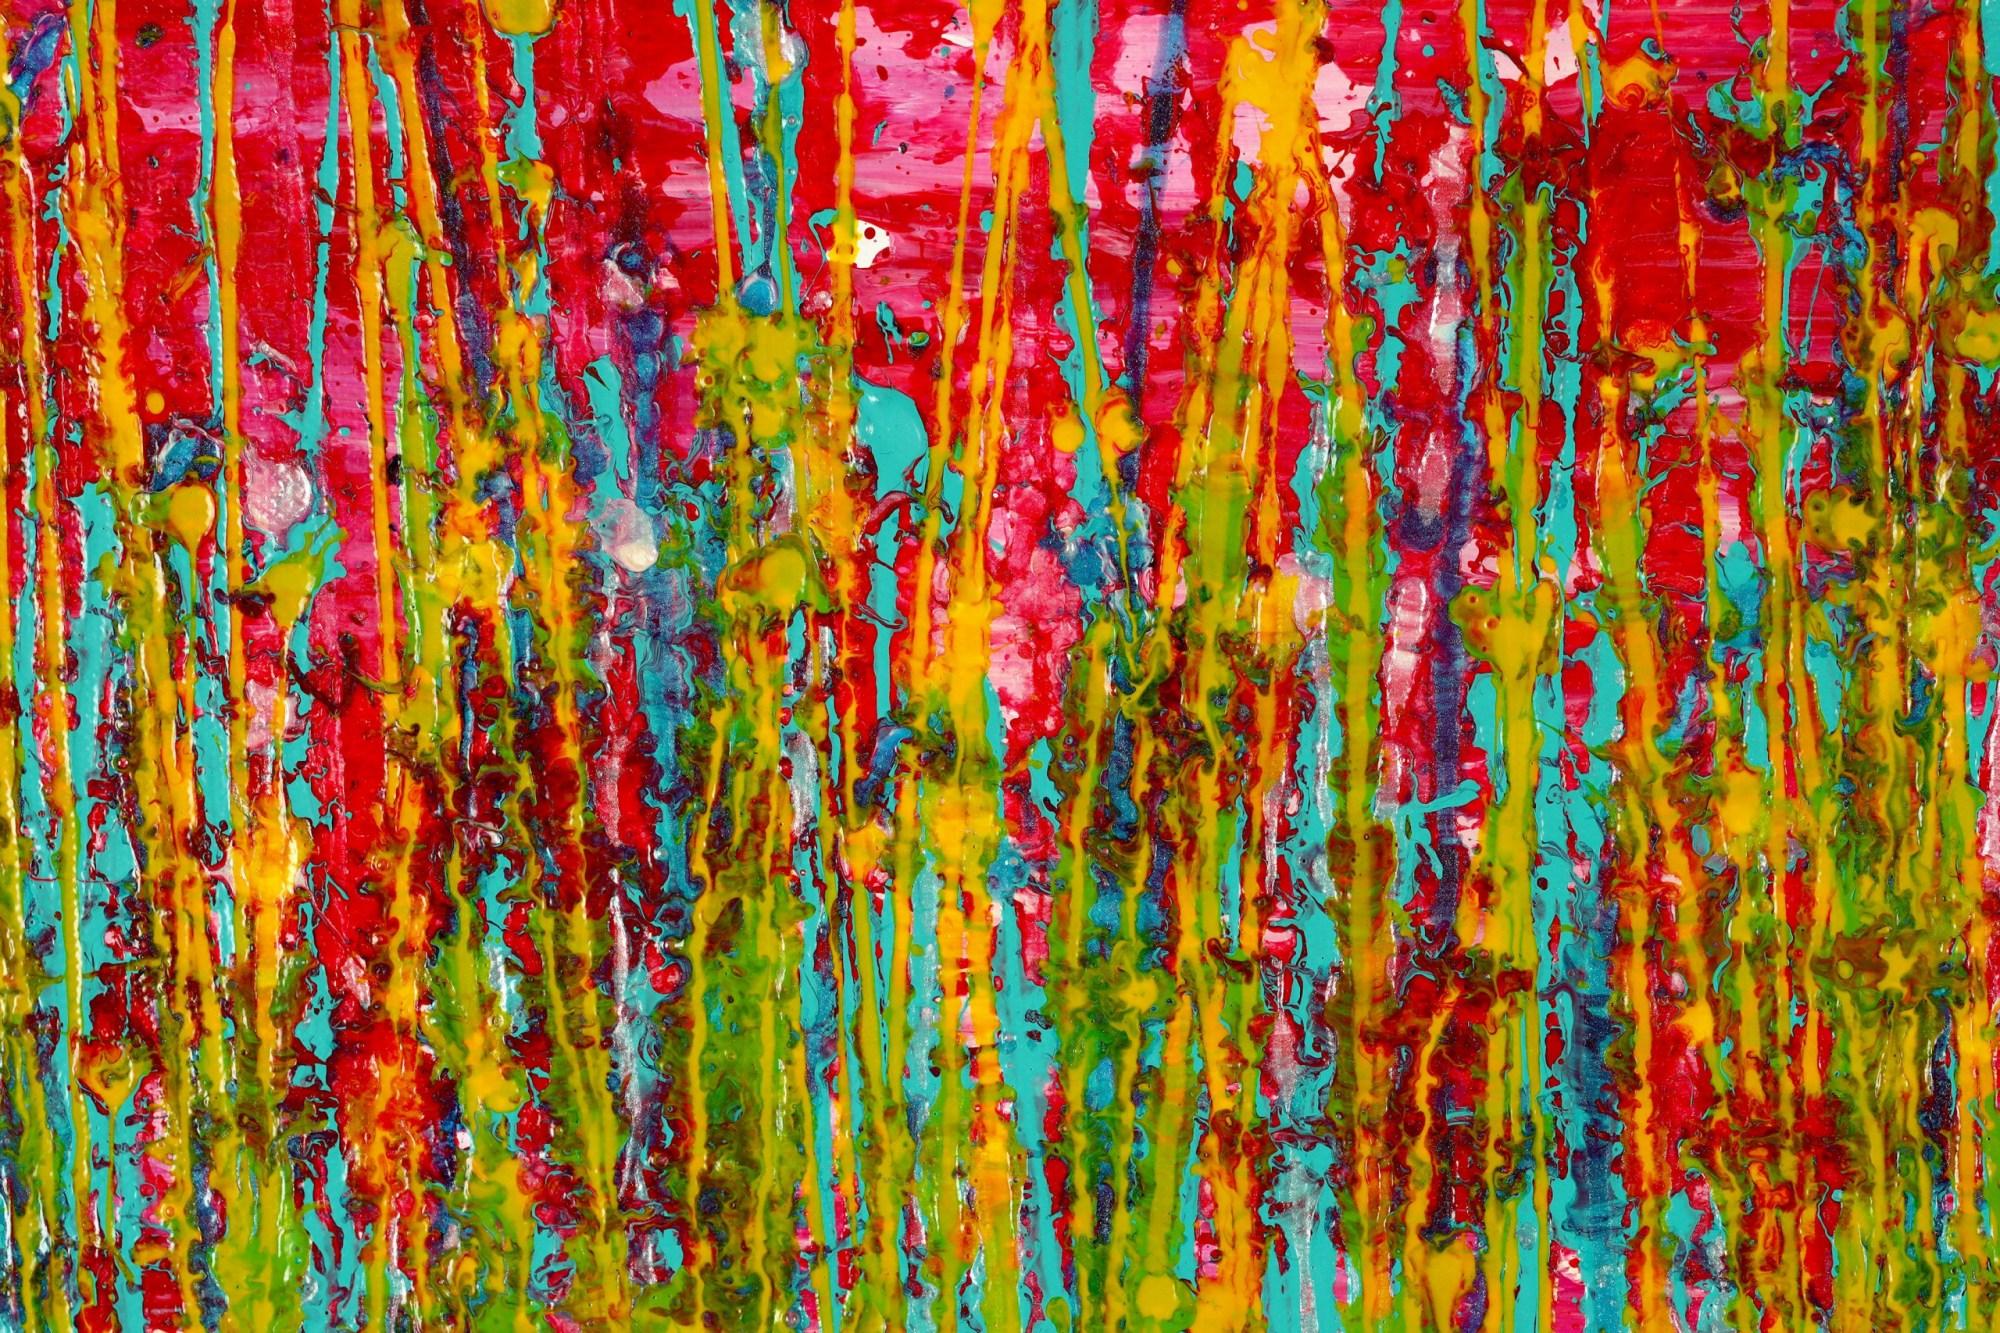 DETAIL / Caribbean Reflections 4 (2021) / Artist: Nestor Toro